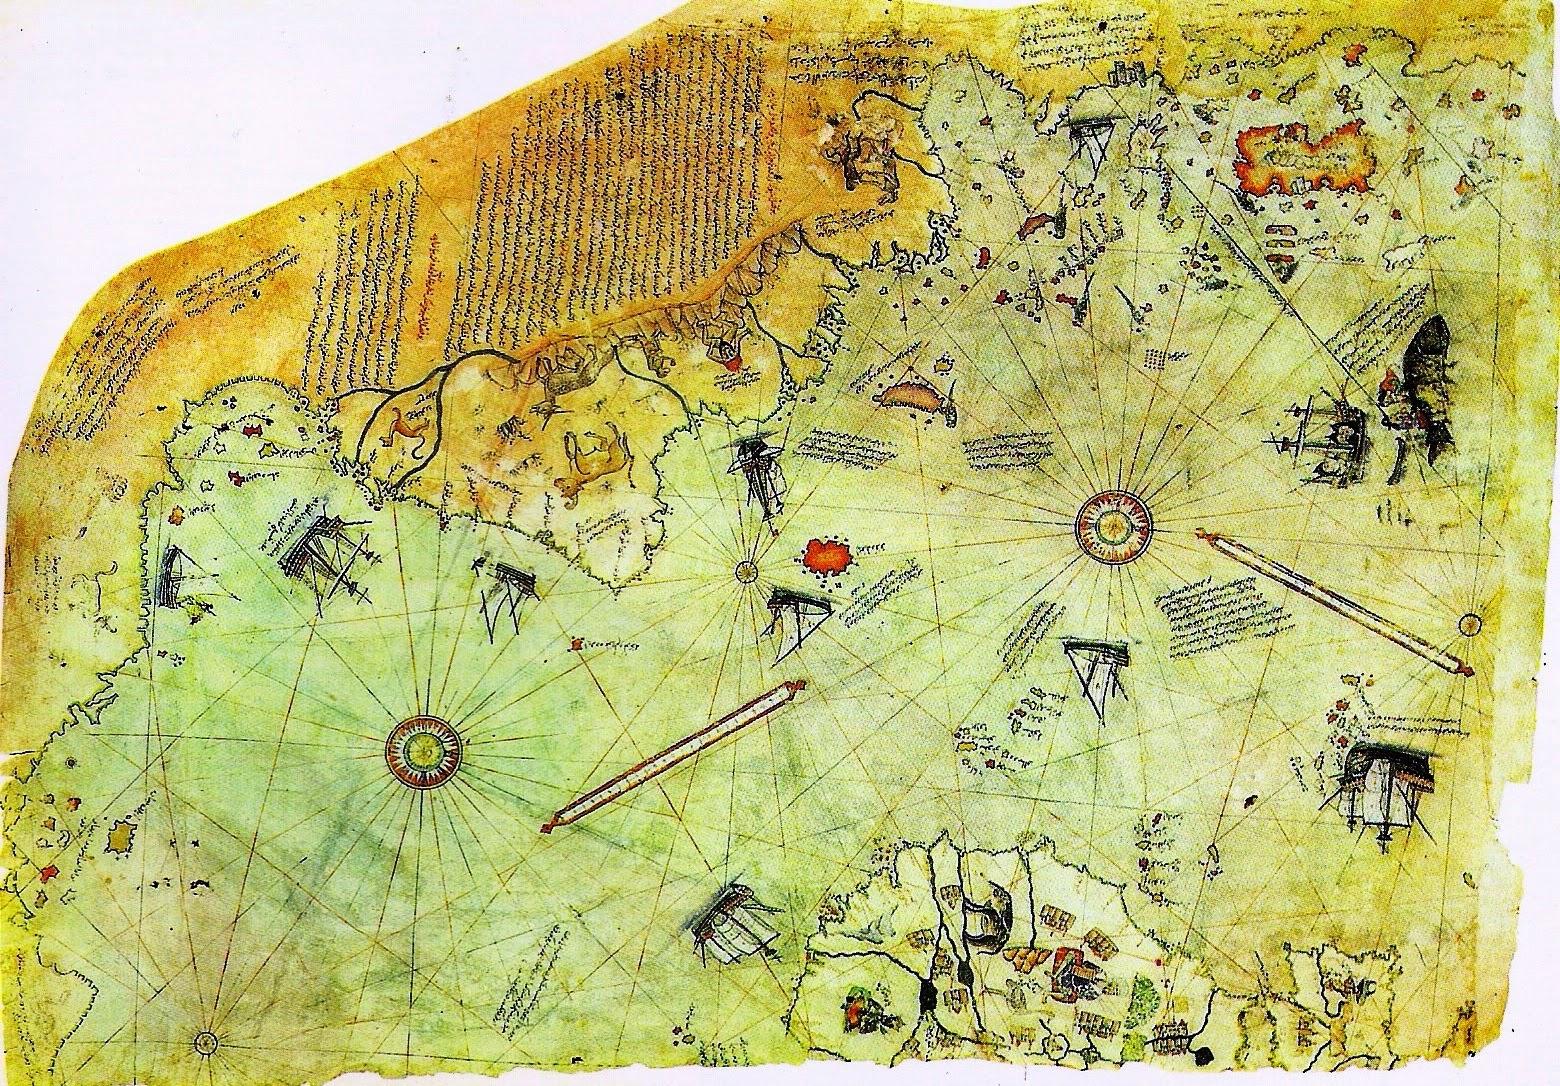 Resultado de imagen para mapa de piri reis completo